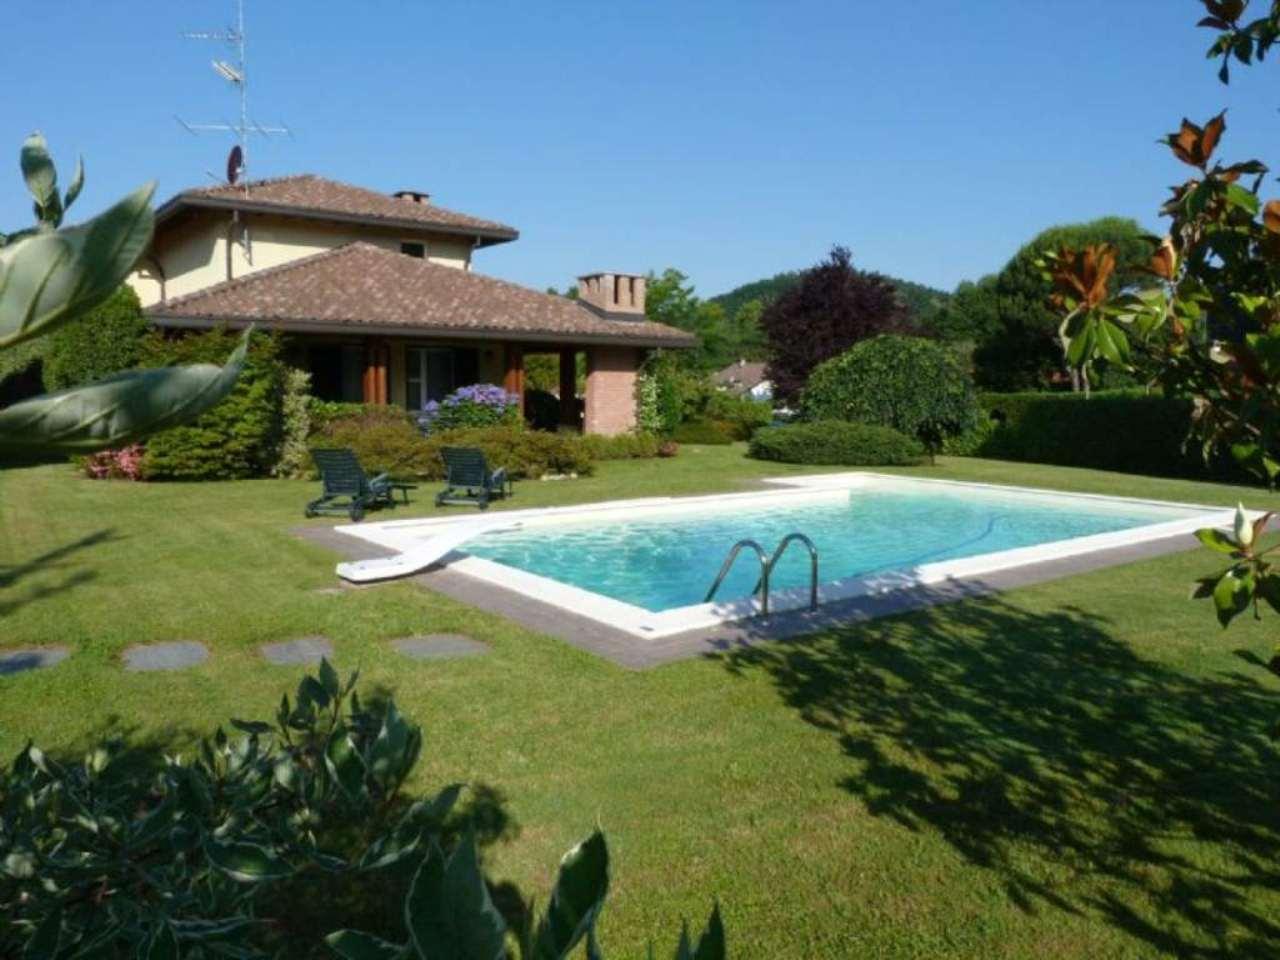 Villa in vendita a Montano Lucino, 16 locali, prezzo € 1.100.000 | CambioCasa.it